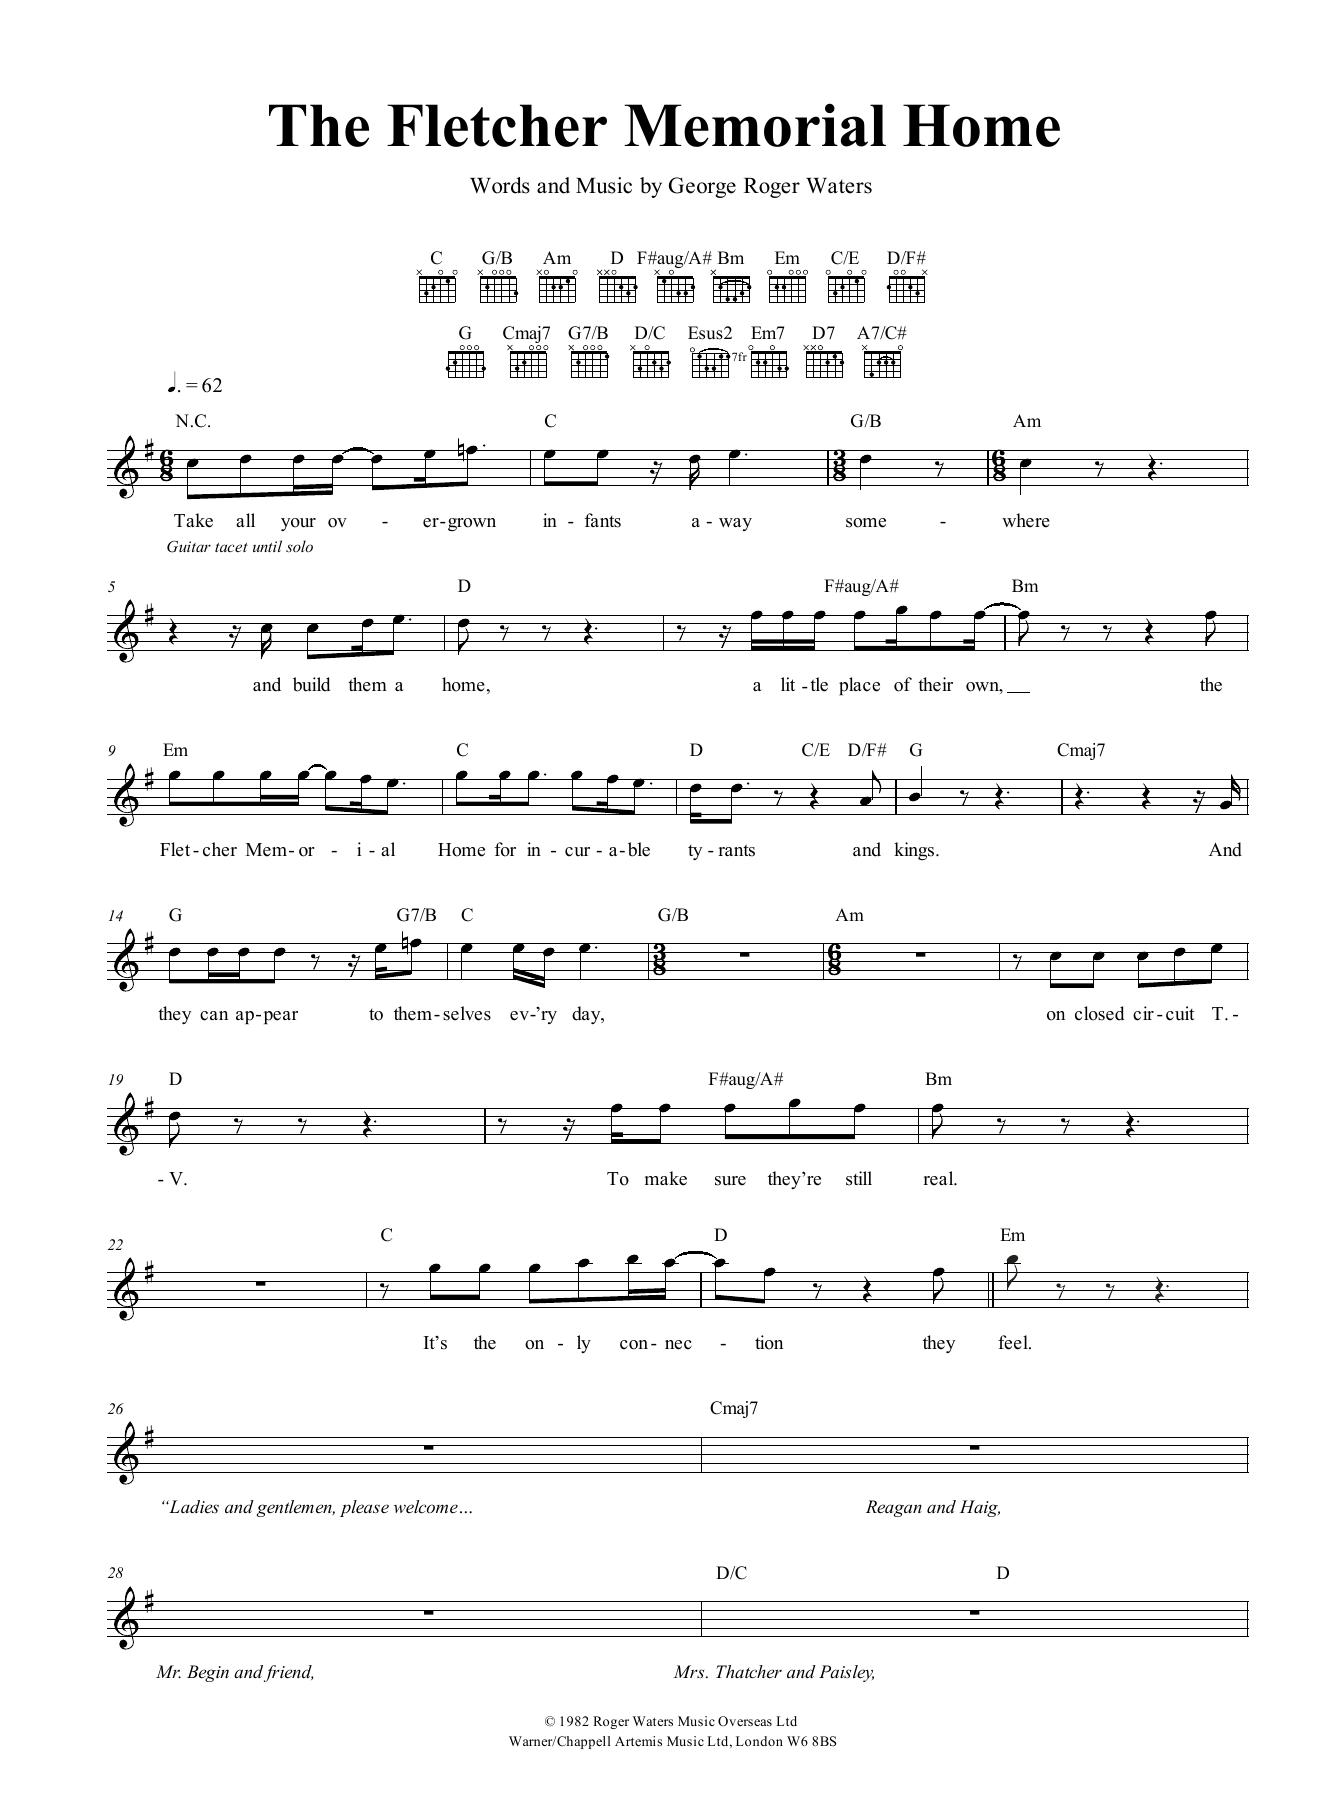 The Fletcher Memorial Home Sheet Music